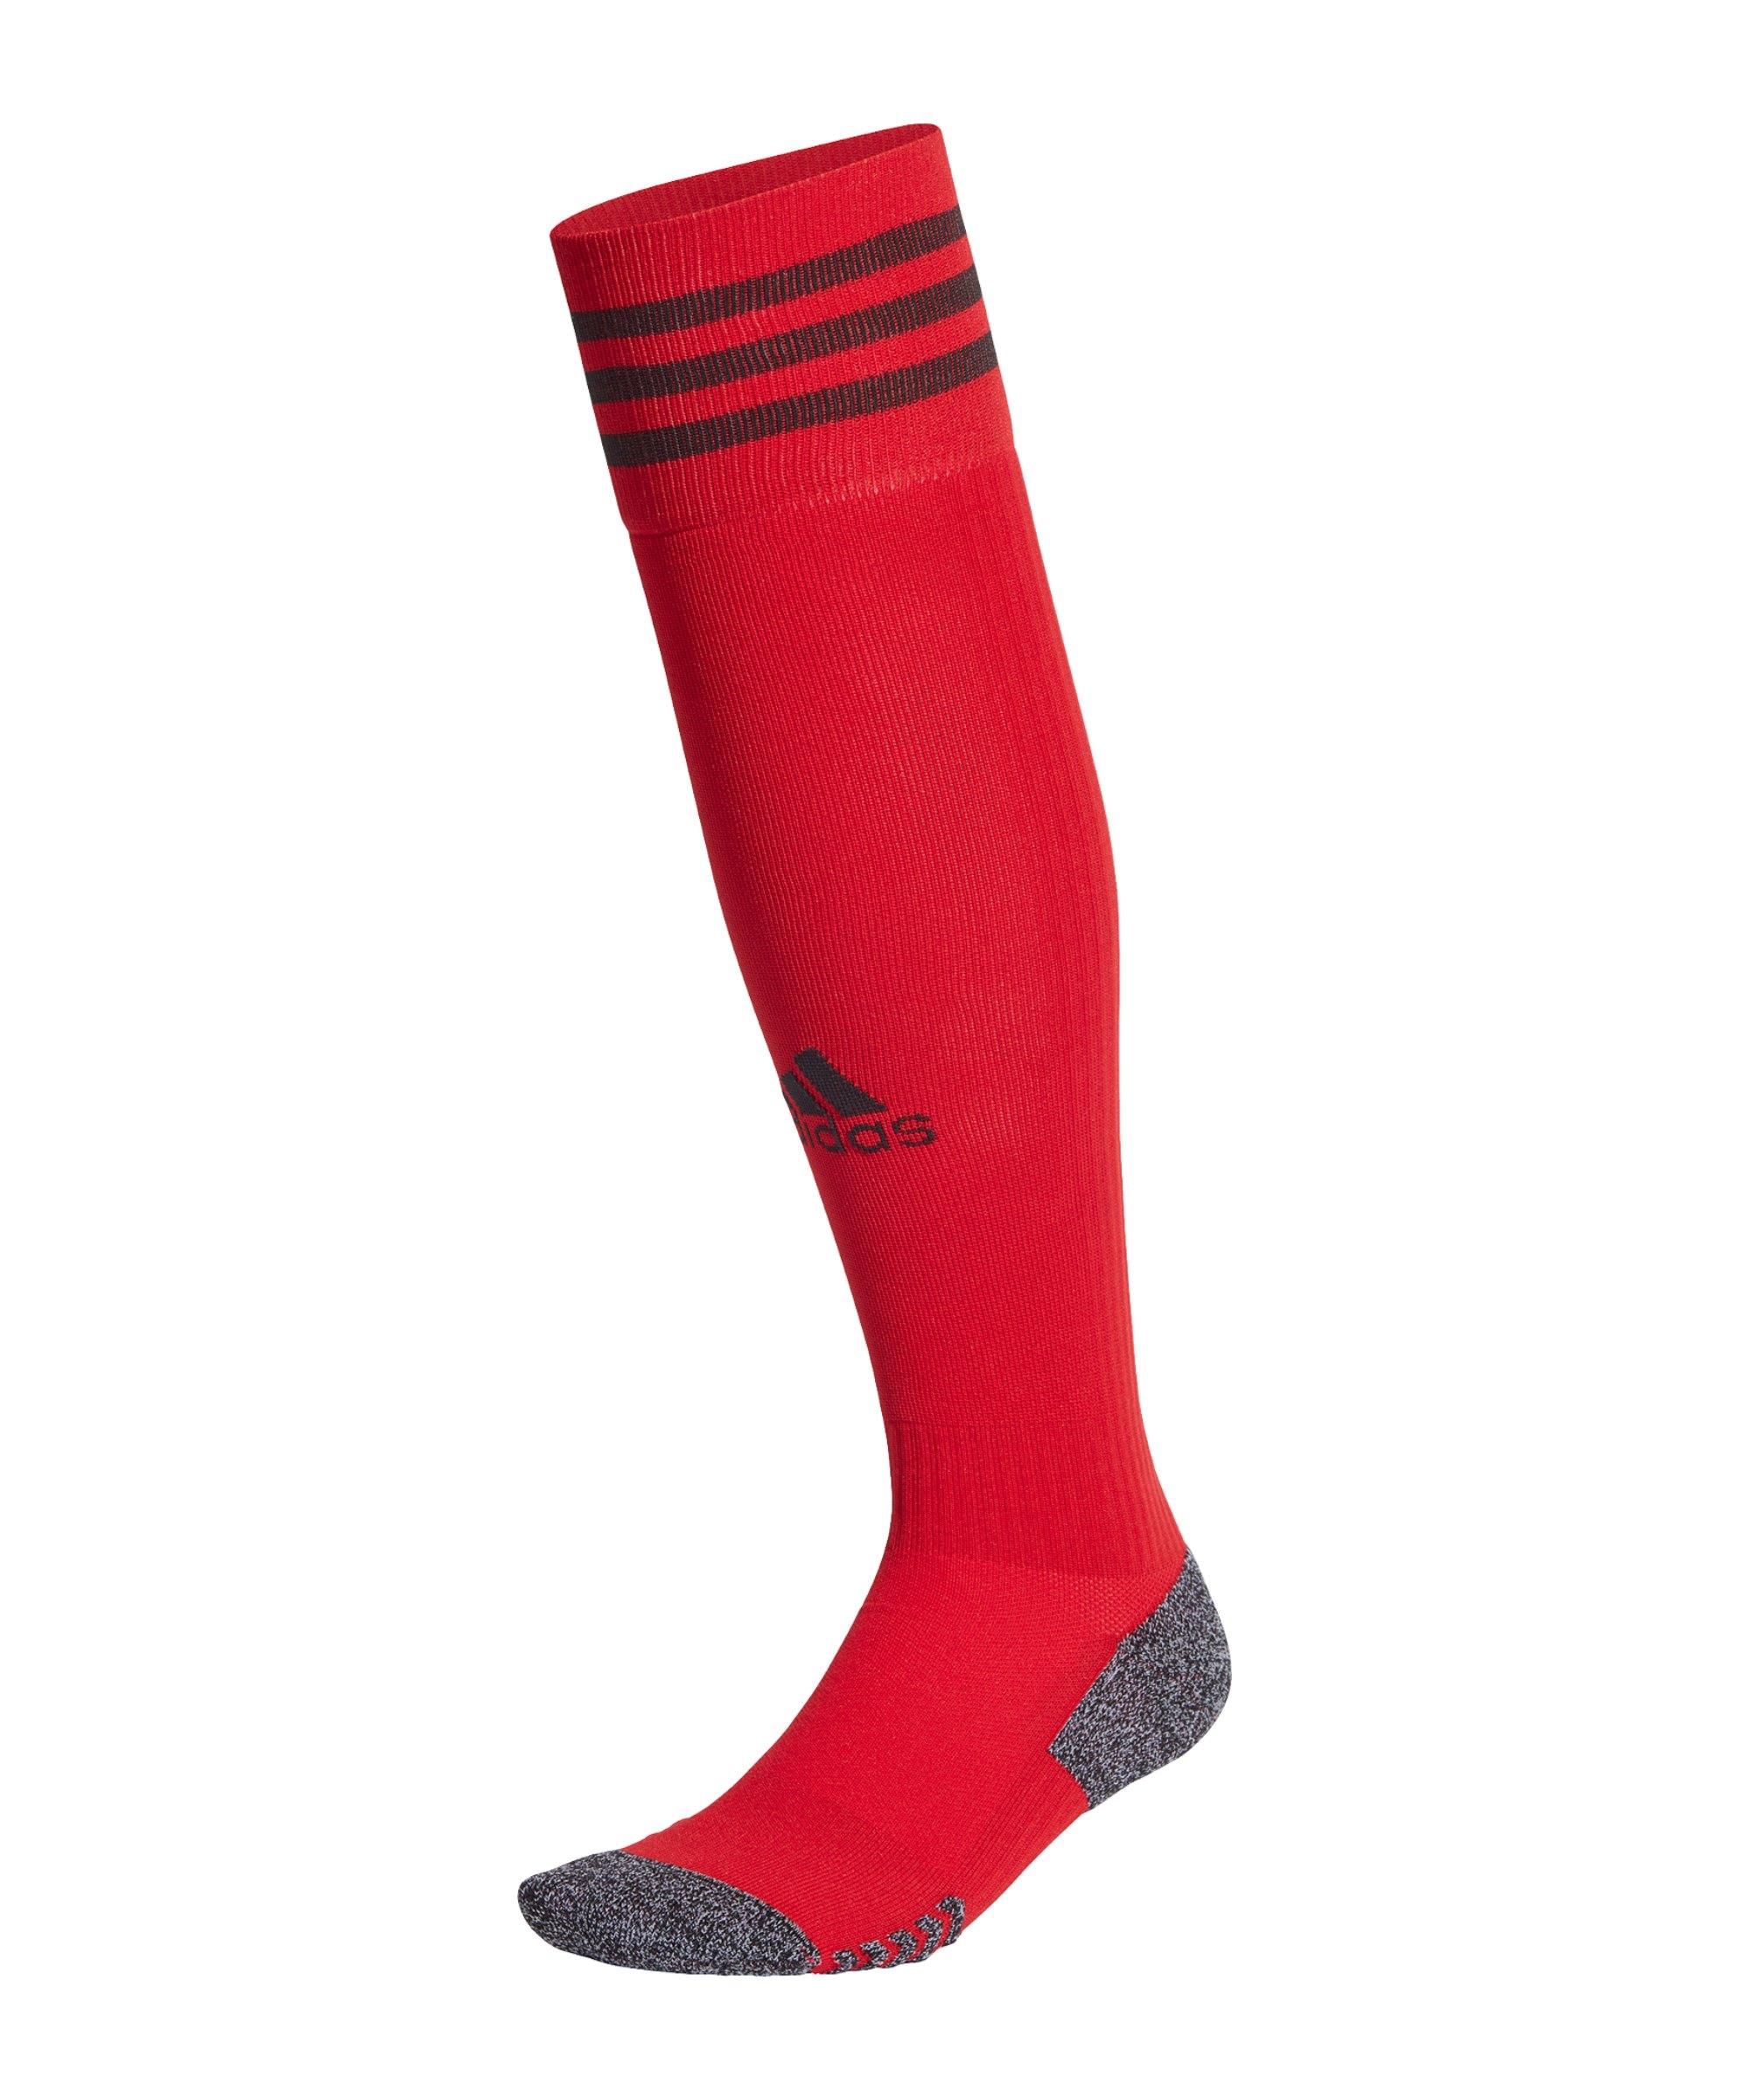 adidas Adisock 21 Strumpfstutzen Rot Schwarz - rot